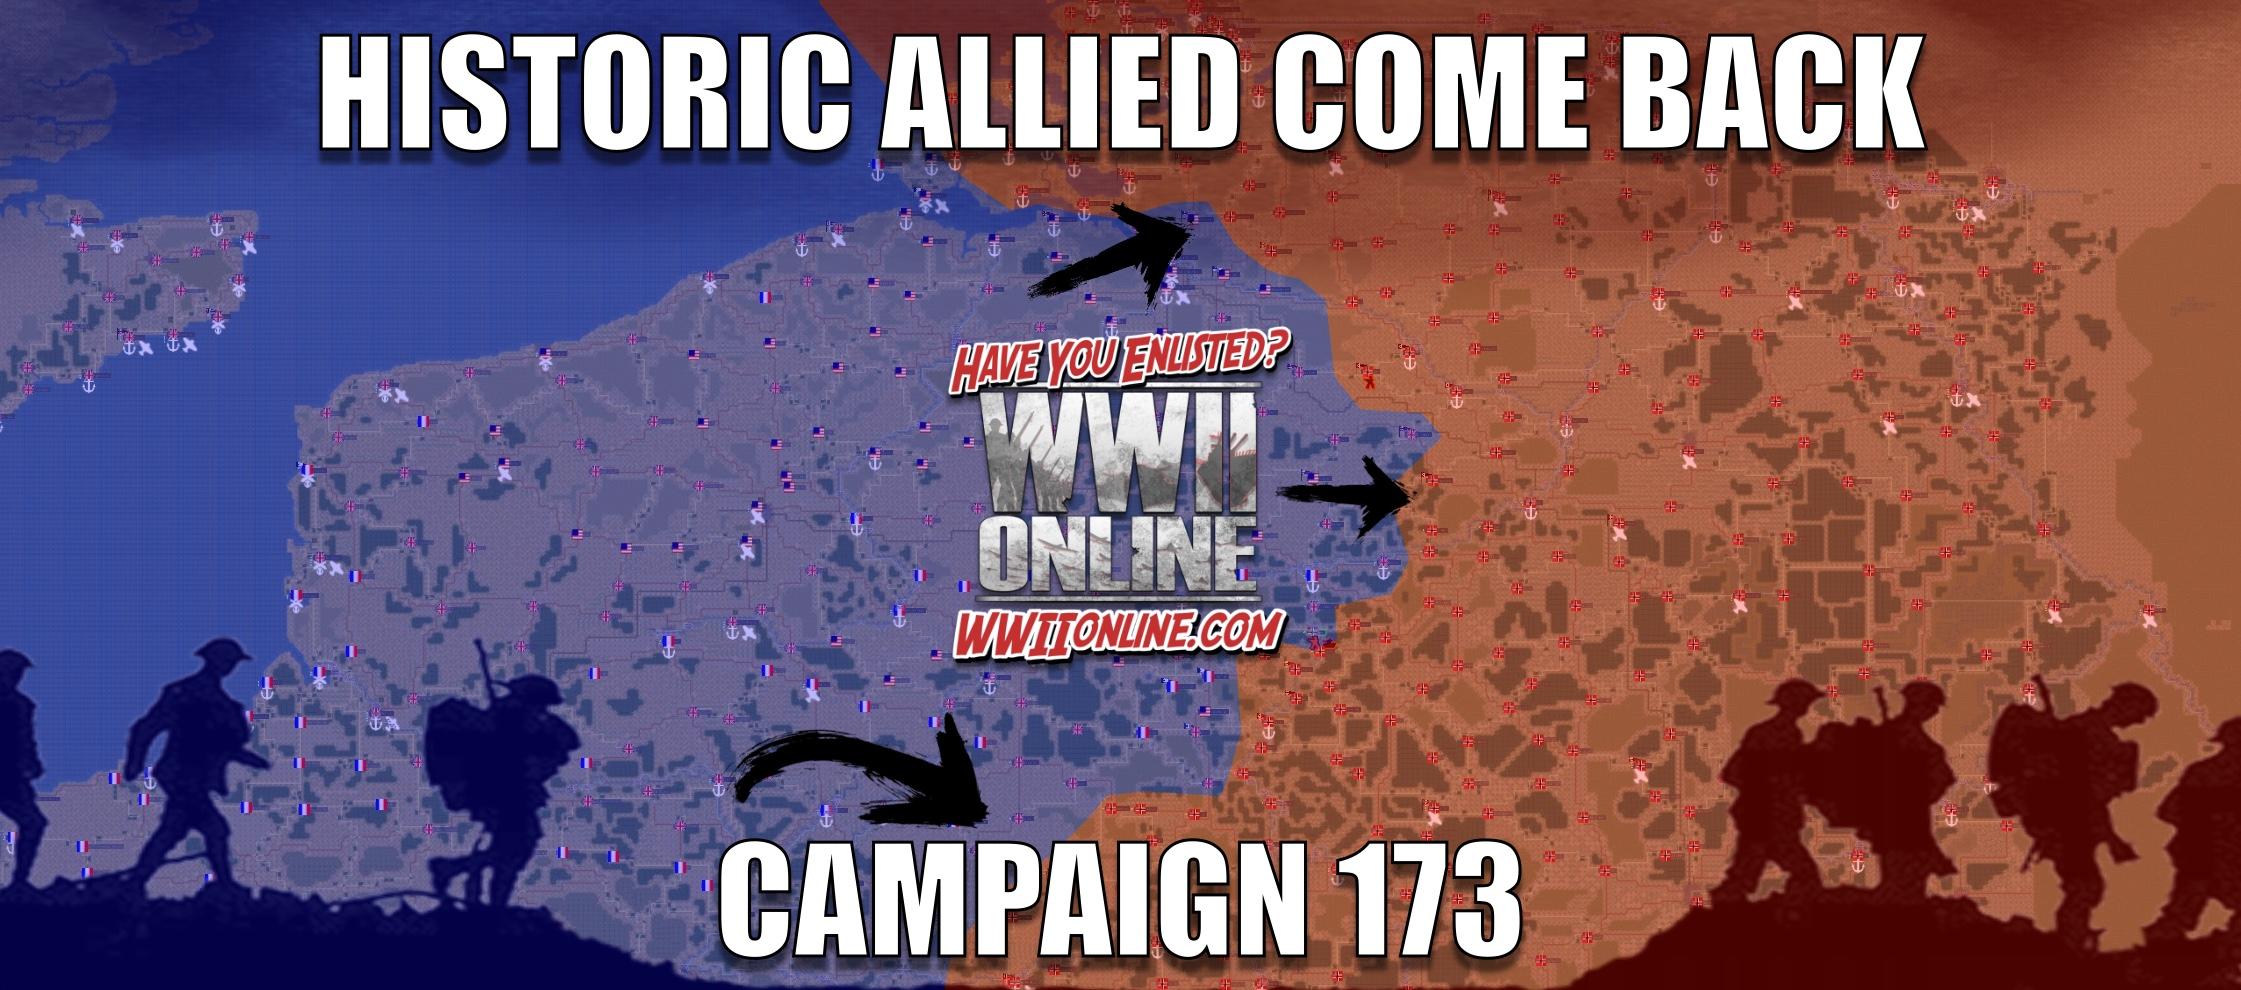 Campaign 173 comeback